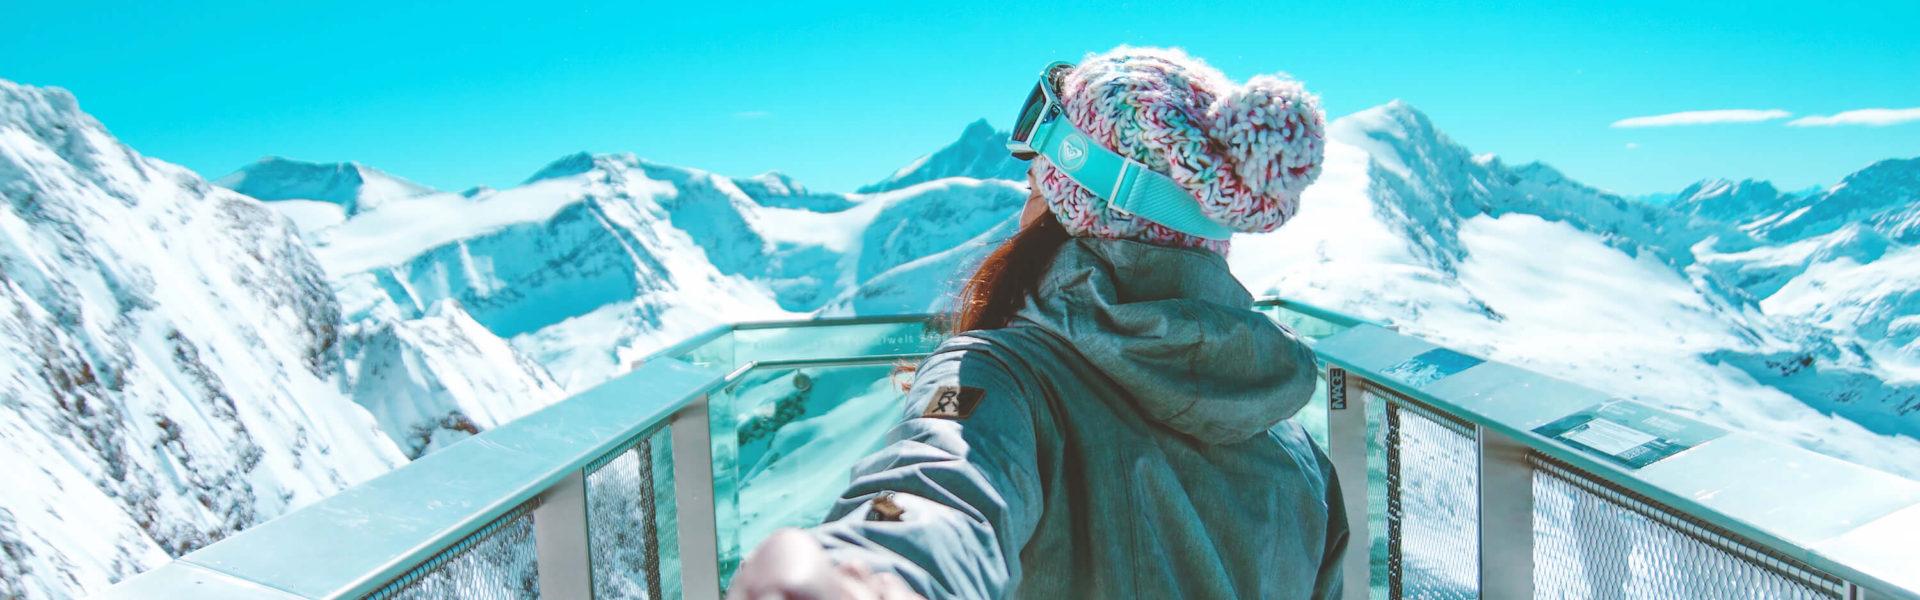 Escapadas de Invierno Para el Fin de Semana-Alice in Beautyland Blog-Viajes nieve